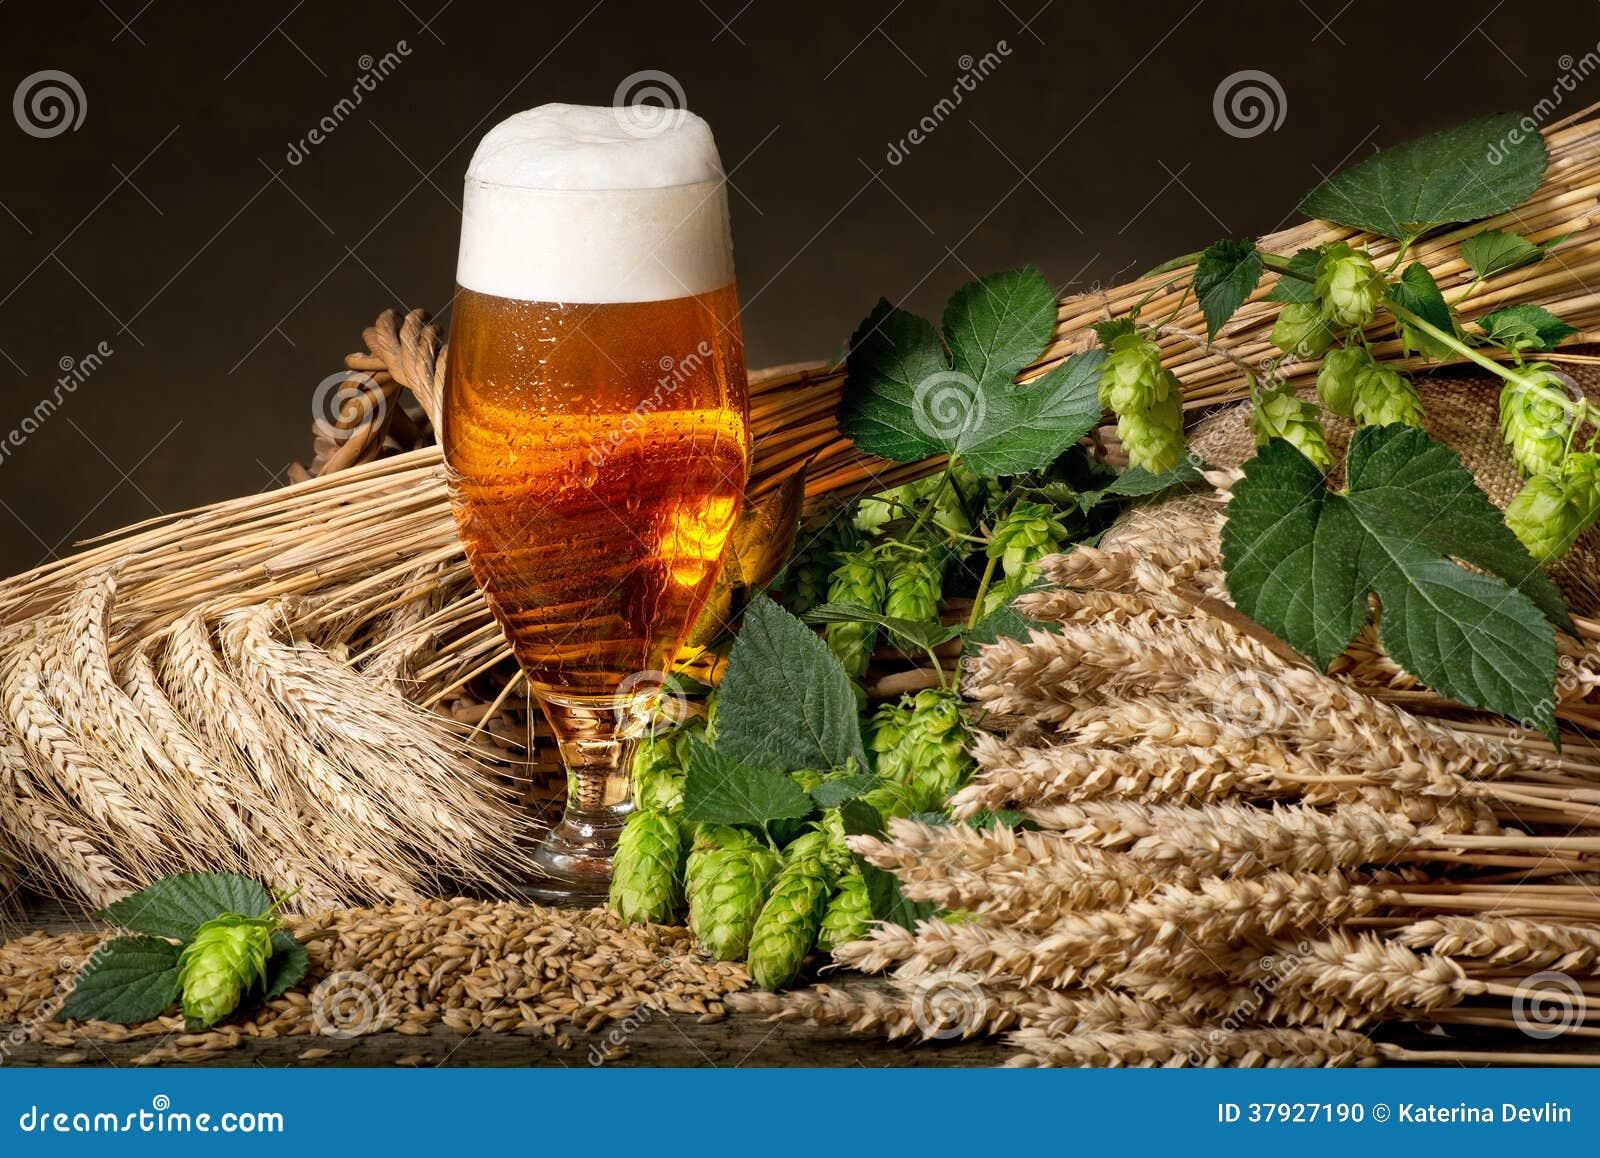 Piwo z chmielowym i jęczmiennym